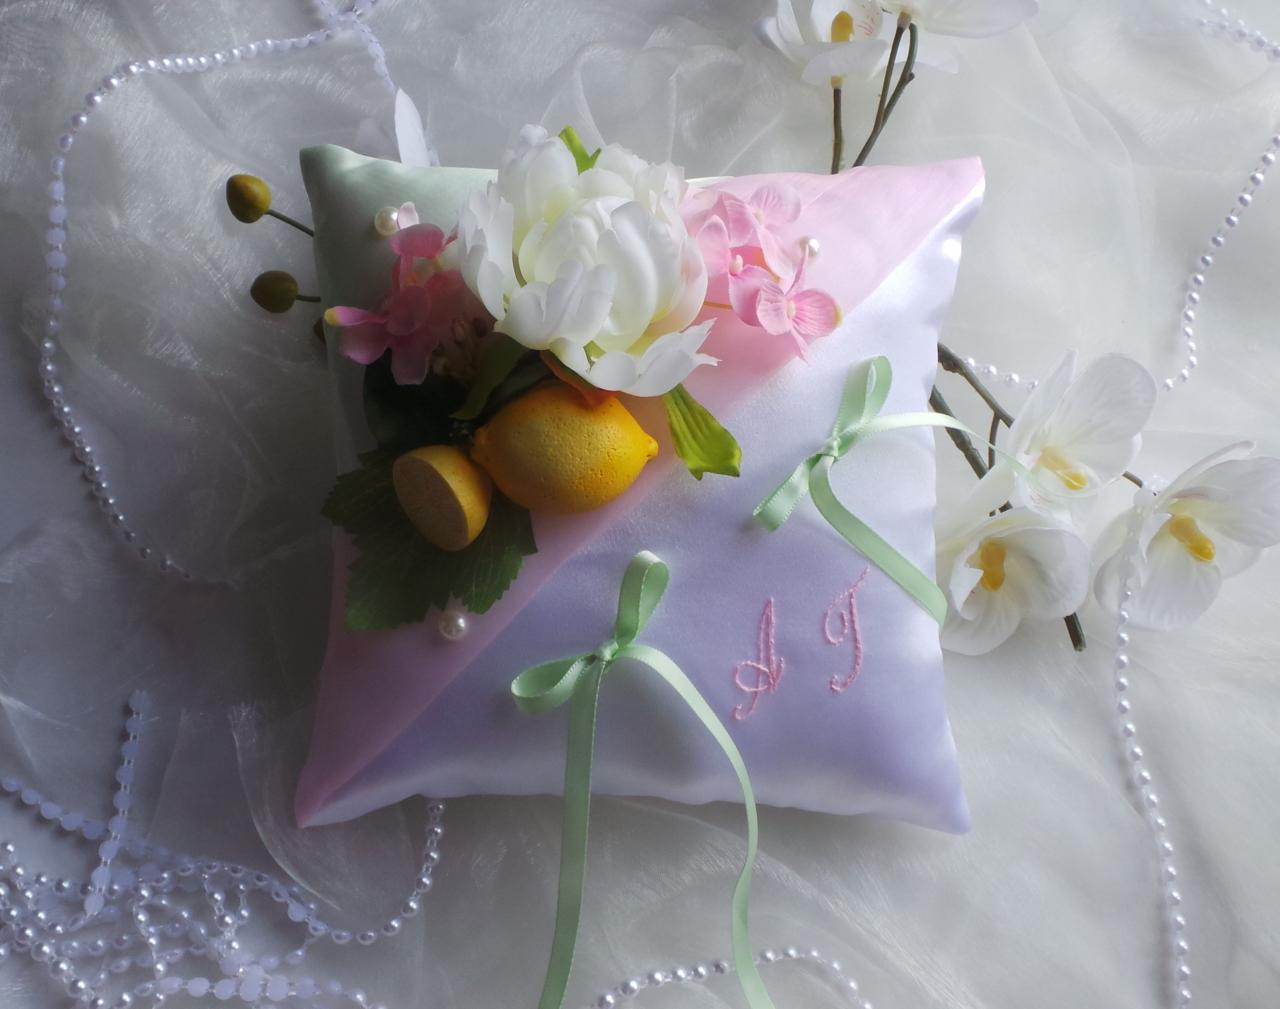 Coussin porte alliance de mariage personnalisé rose et vert pâle